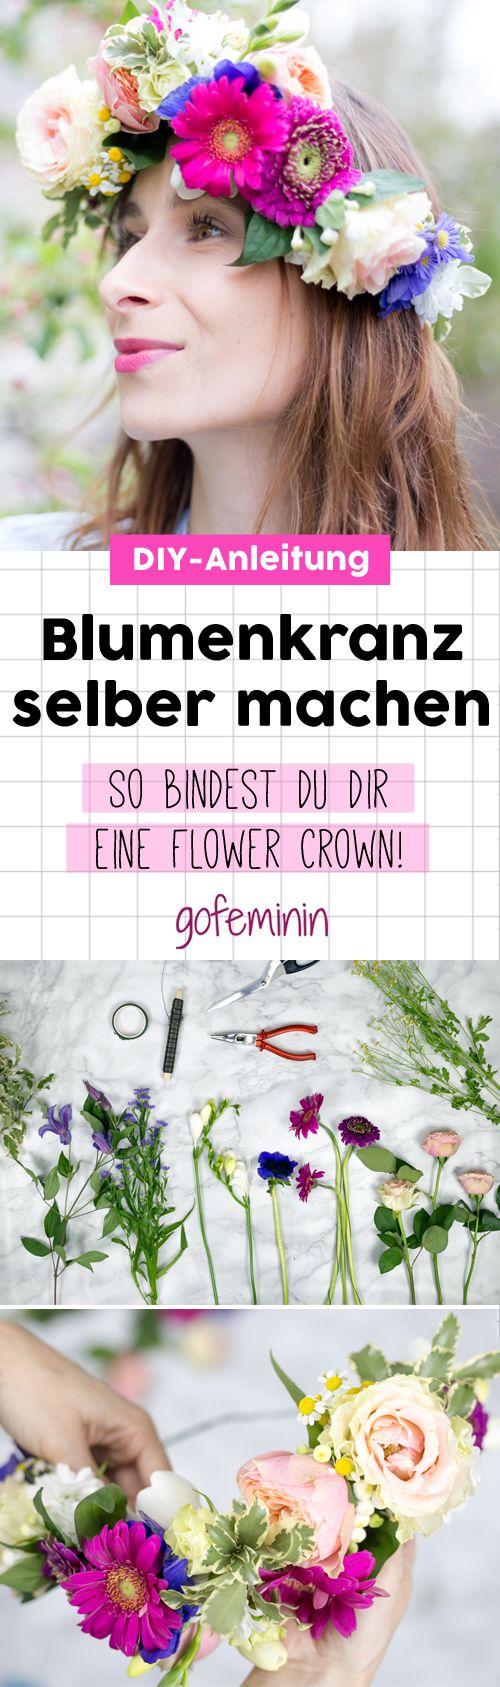 Blumenkranz selber machen: DIESE Anleitung ist super einfach!